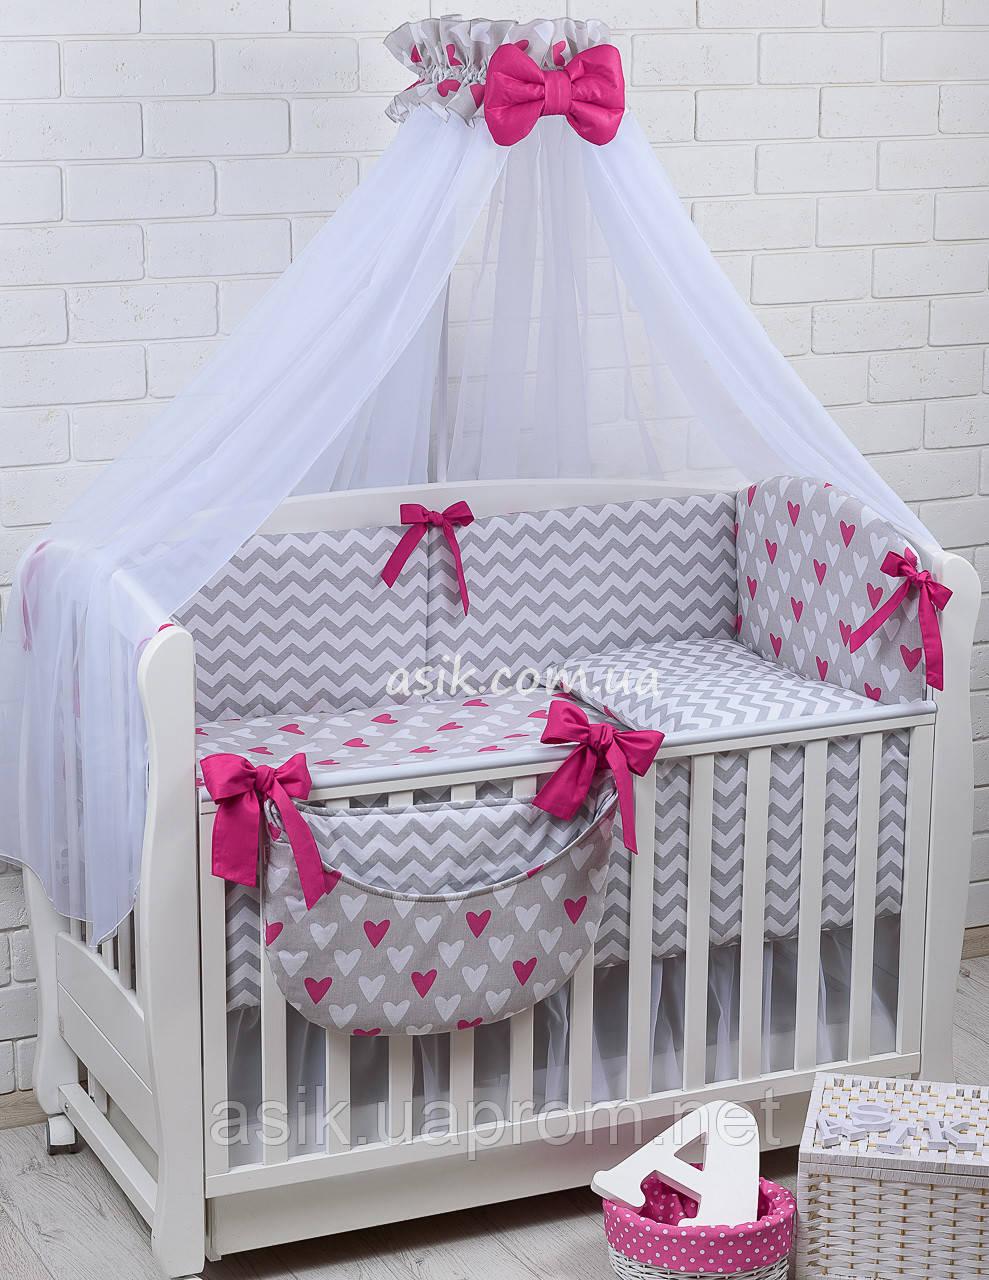 Комплект постельного белья Asik Сердечки амарантового цвета на сером 8 предметов (8-225)